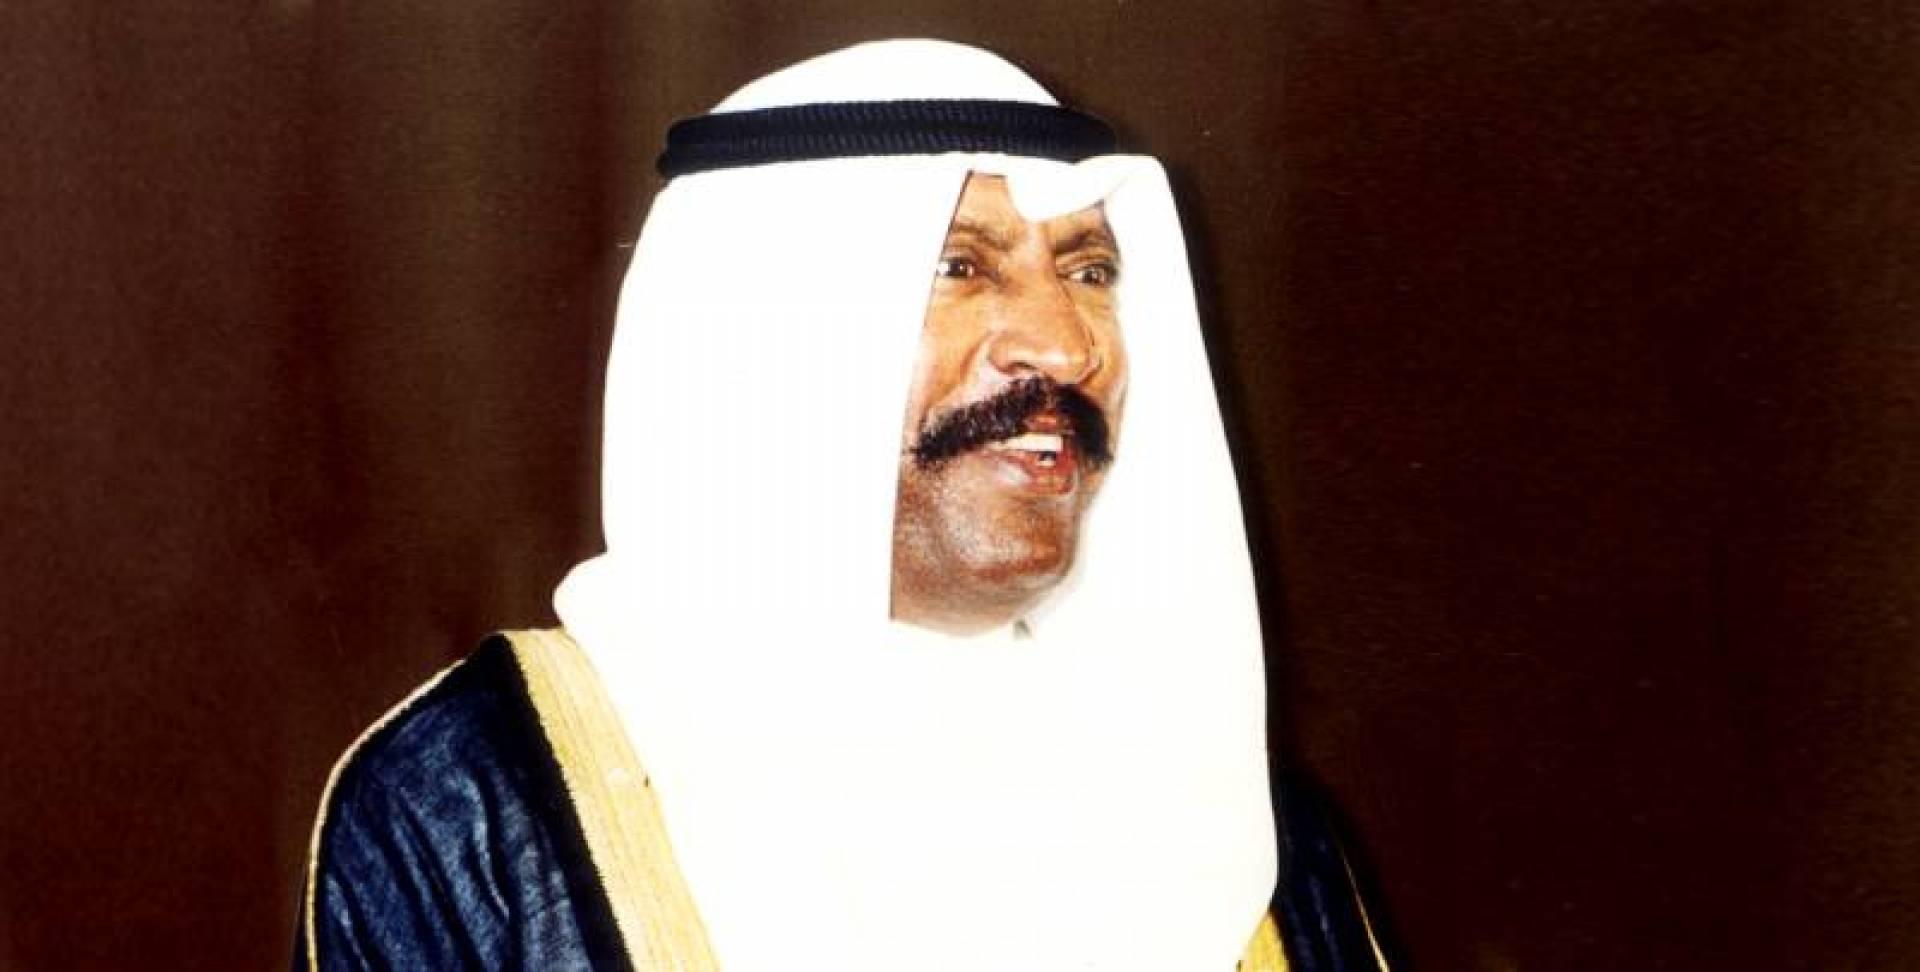 1991  الشيخ سعد العبدالله: من حق الكويت شراء السلاح للدفاع عن نفسها